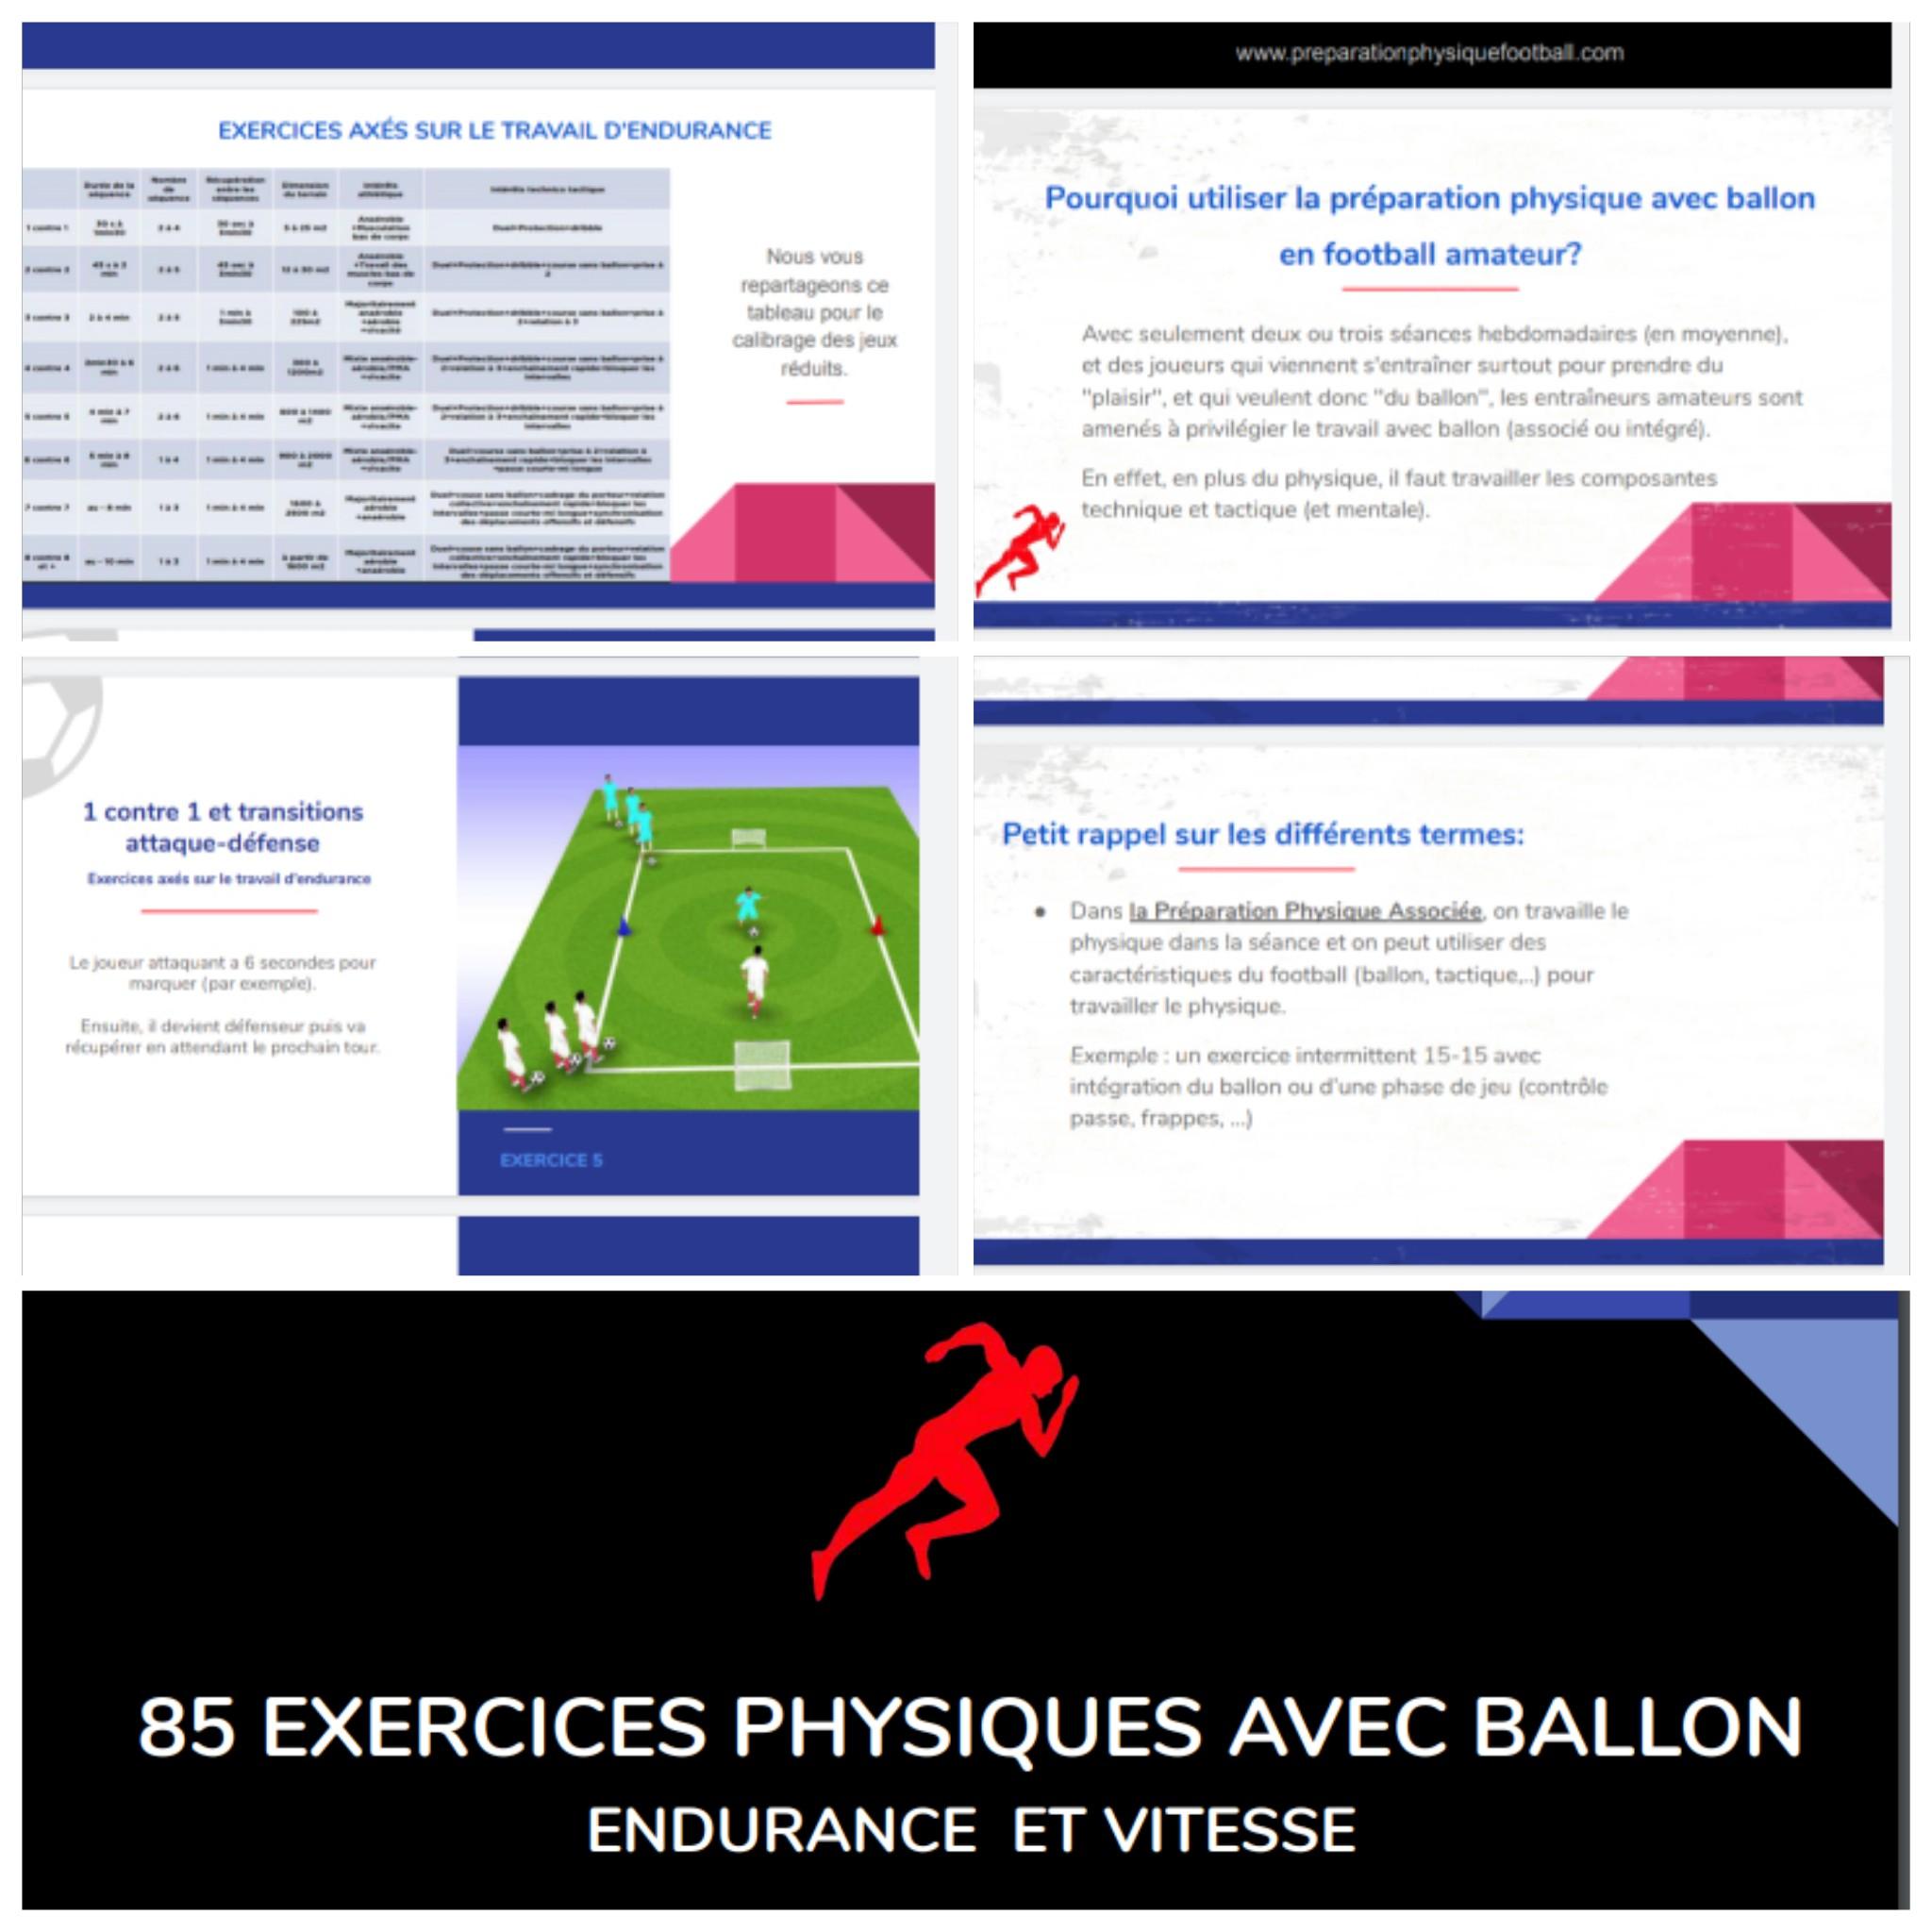 85 EXERCICES PHYSIQUES AVEC BALLON ENDURANCE ET VITESSE PDF